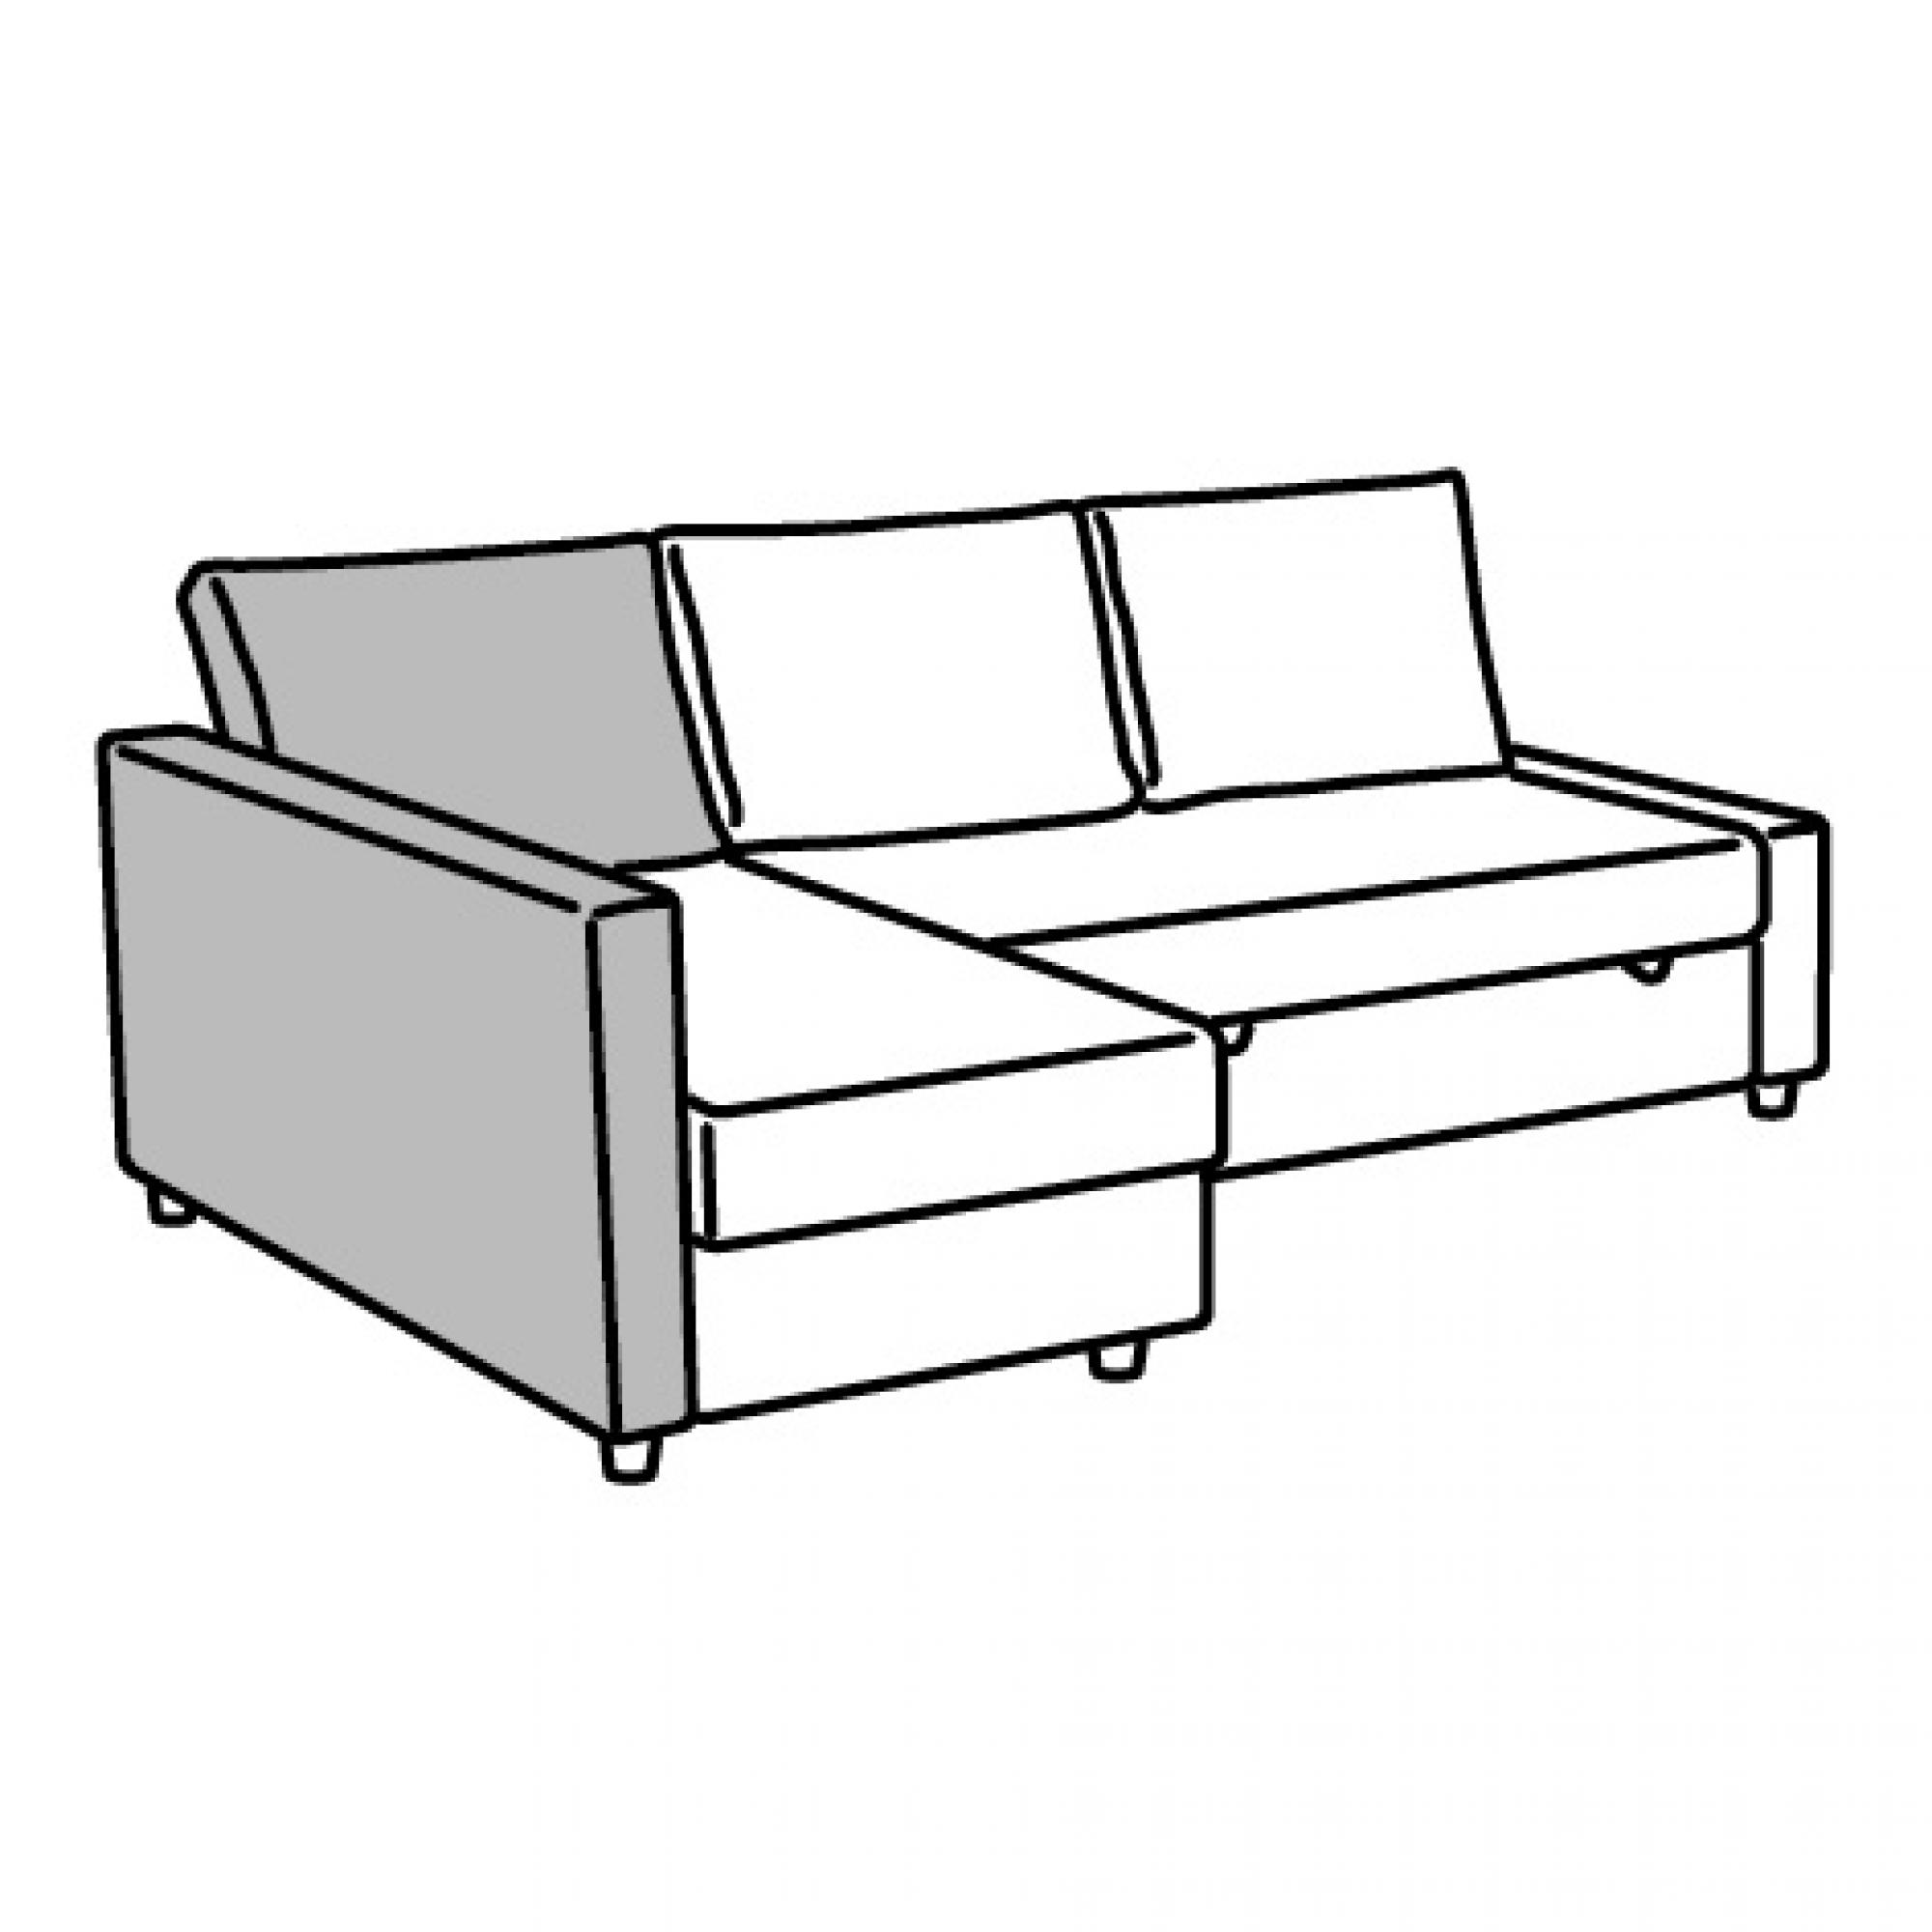 FRIHETEN backrest for corner sofa-bed dark brown